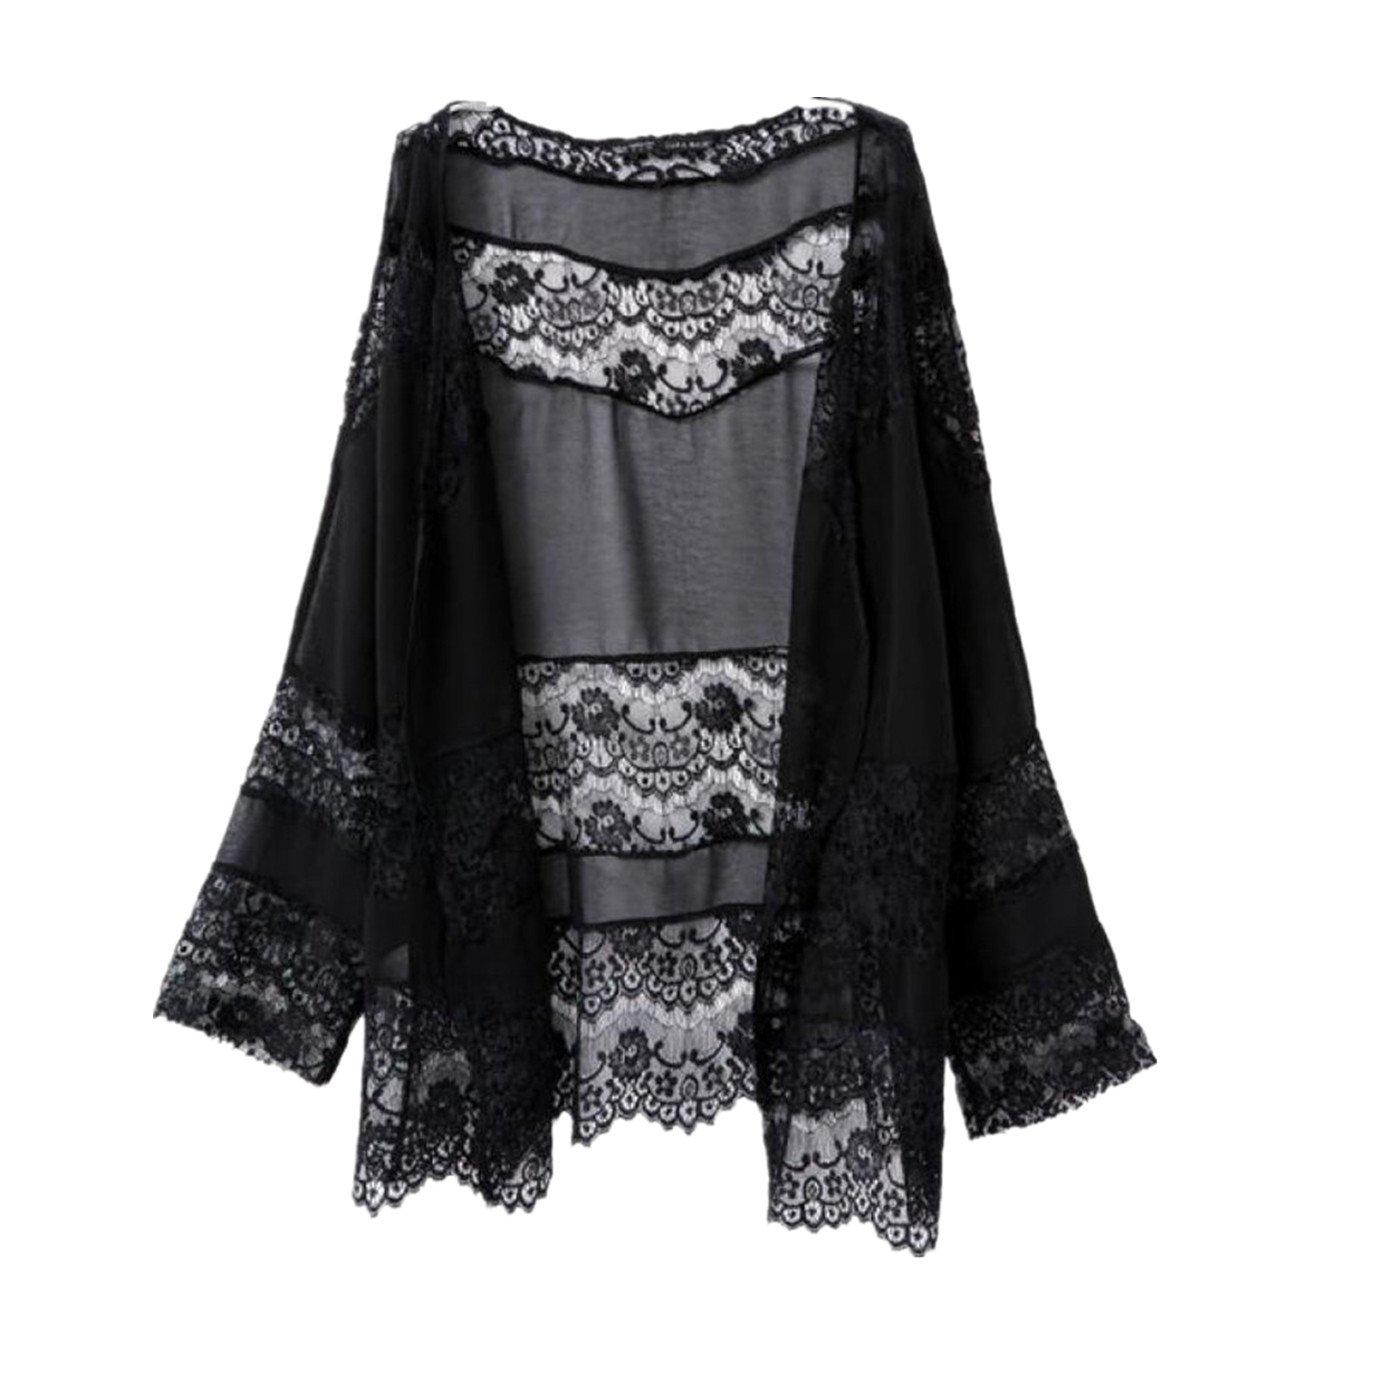 Sumen Women Lace Hollow Chiffon Kimono Cardigan Blouse Coat Casual Top Cover up